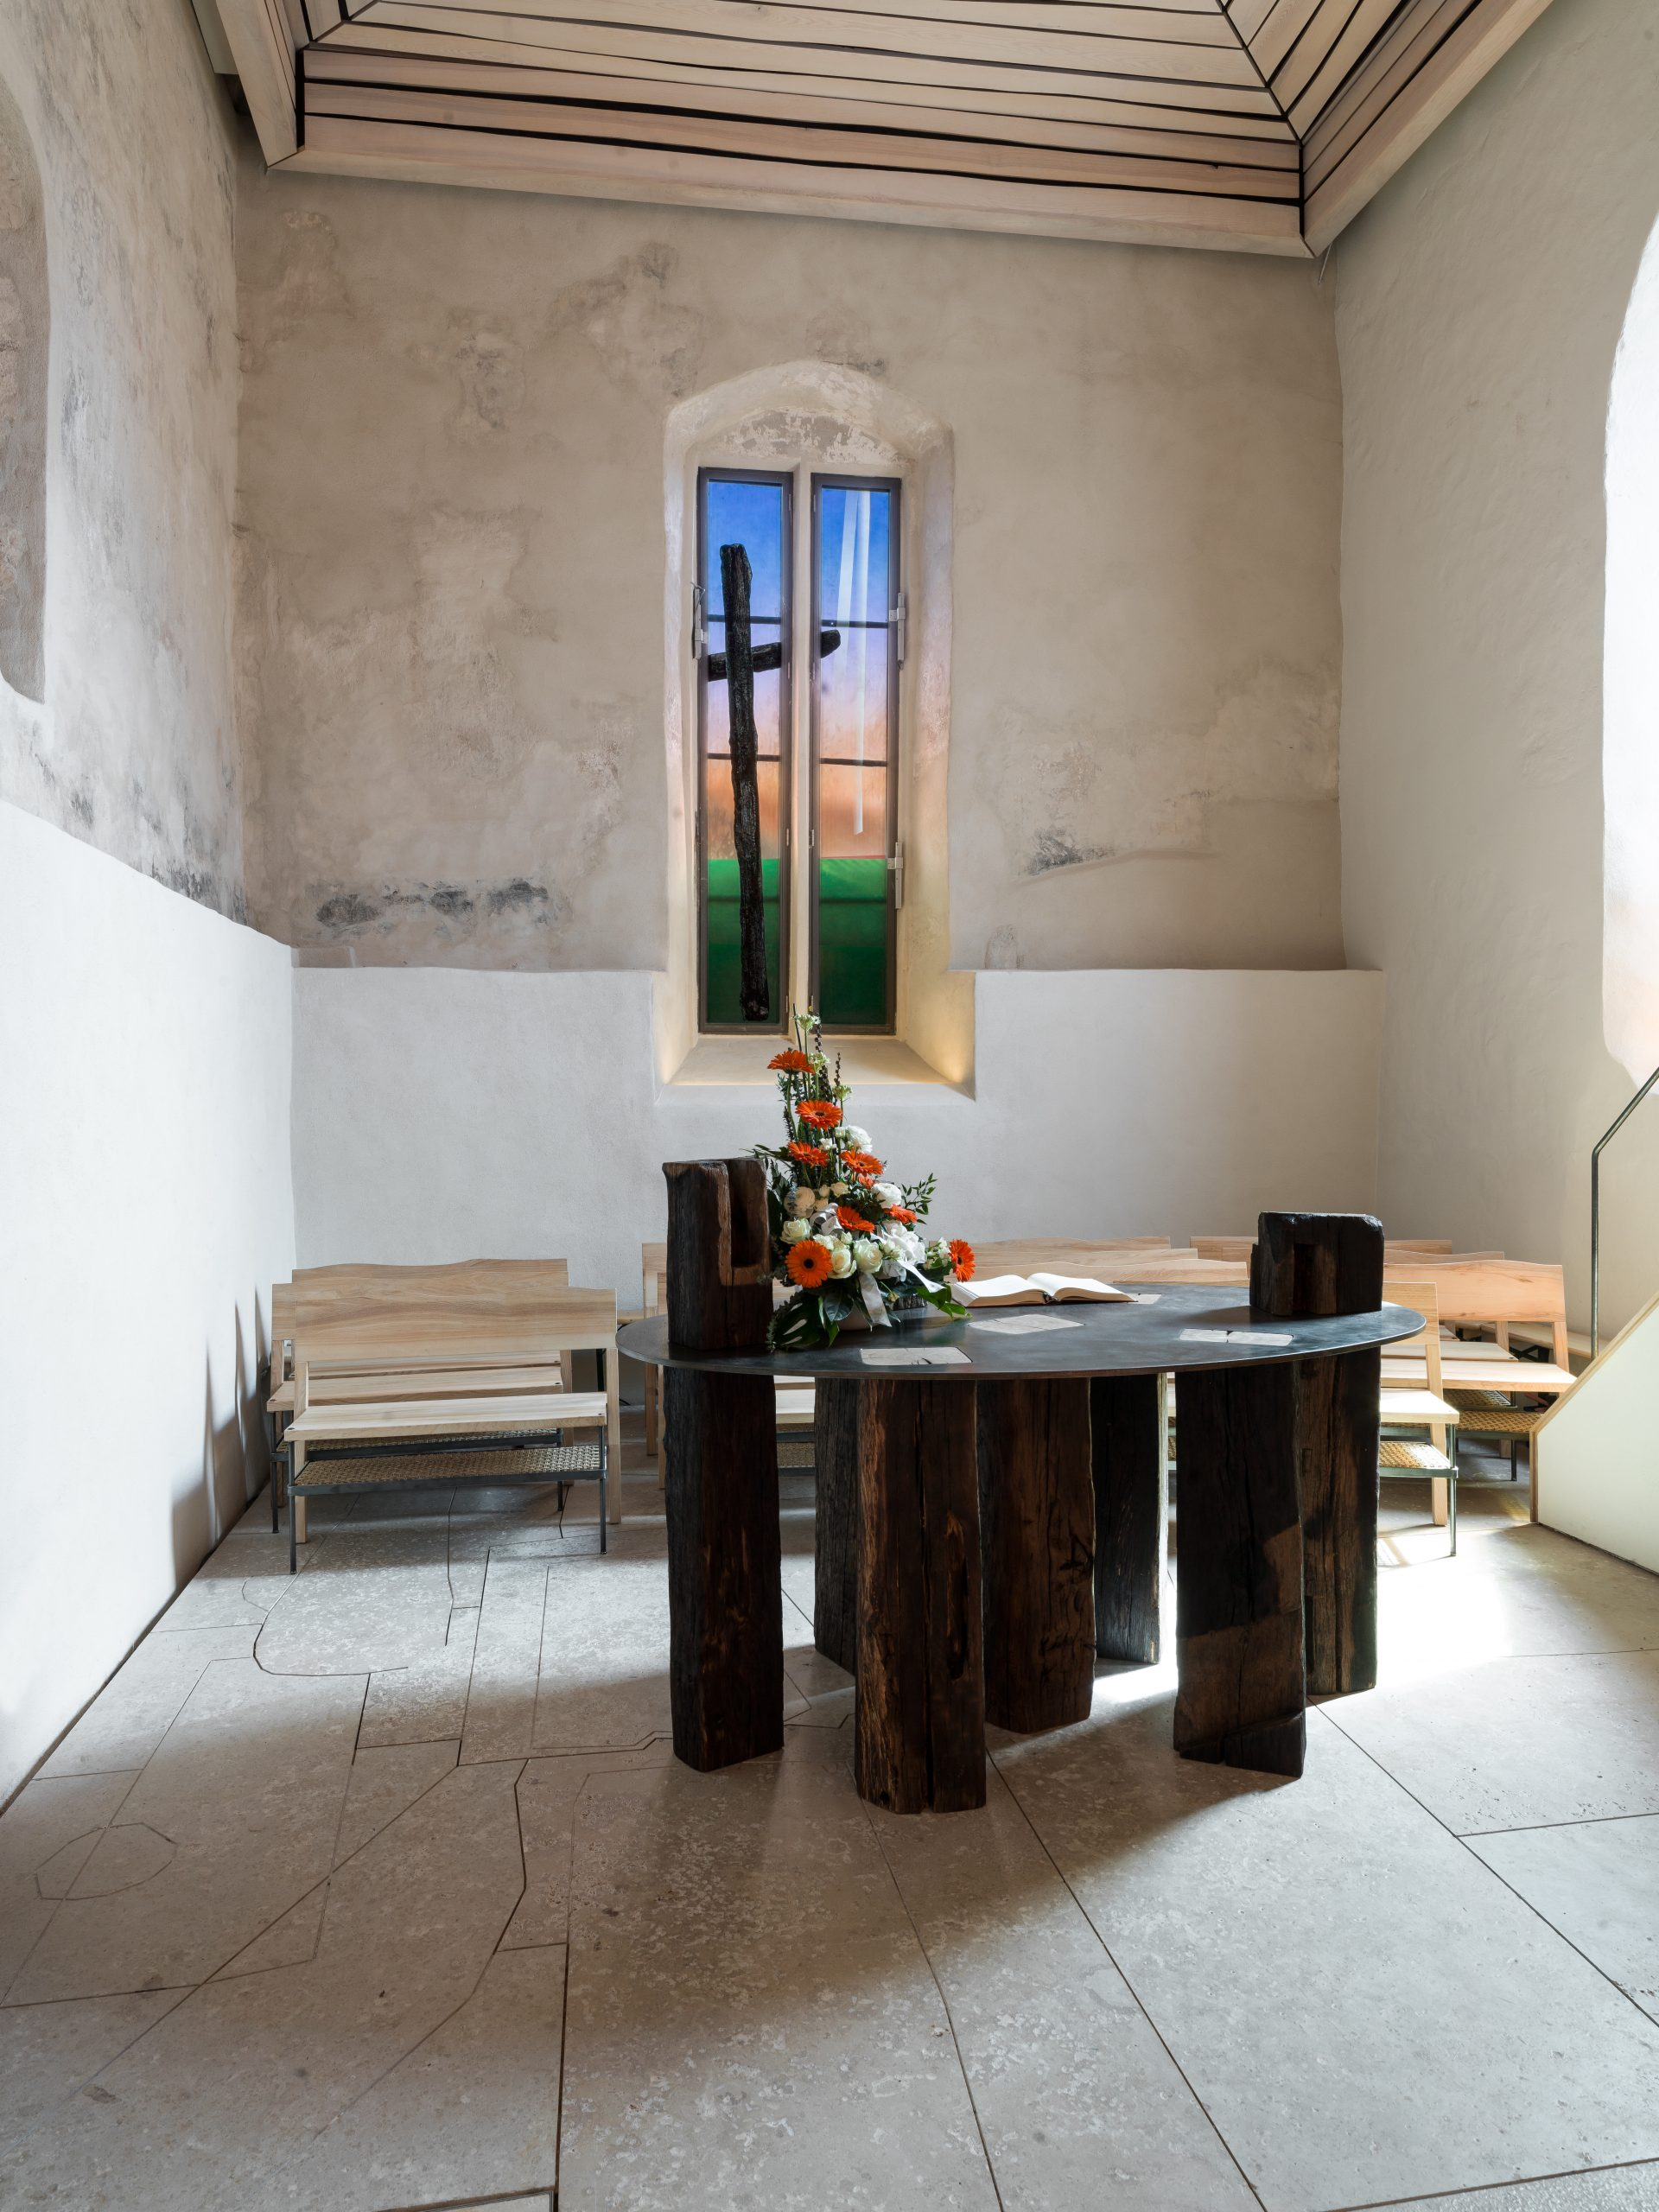 Altarfenster in der Kirchenburg Walldorf, Künstler Julian Plodek